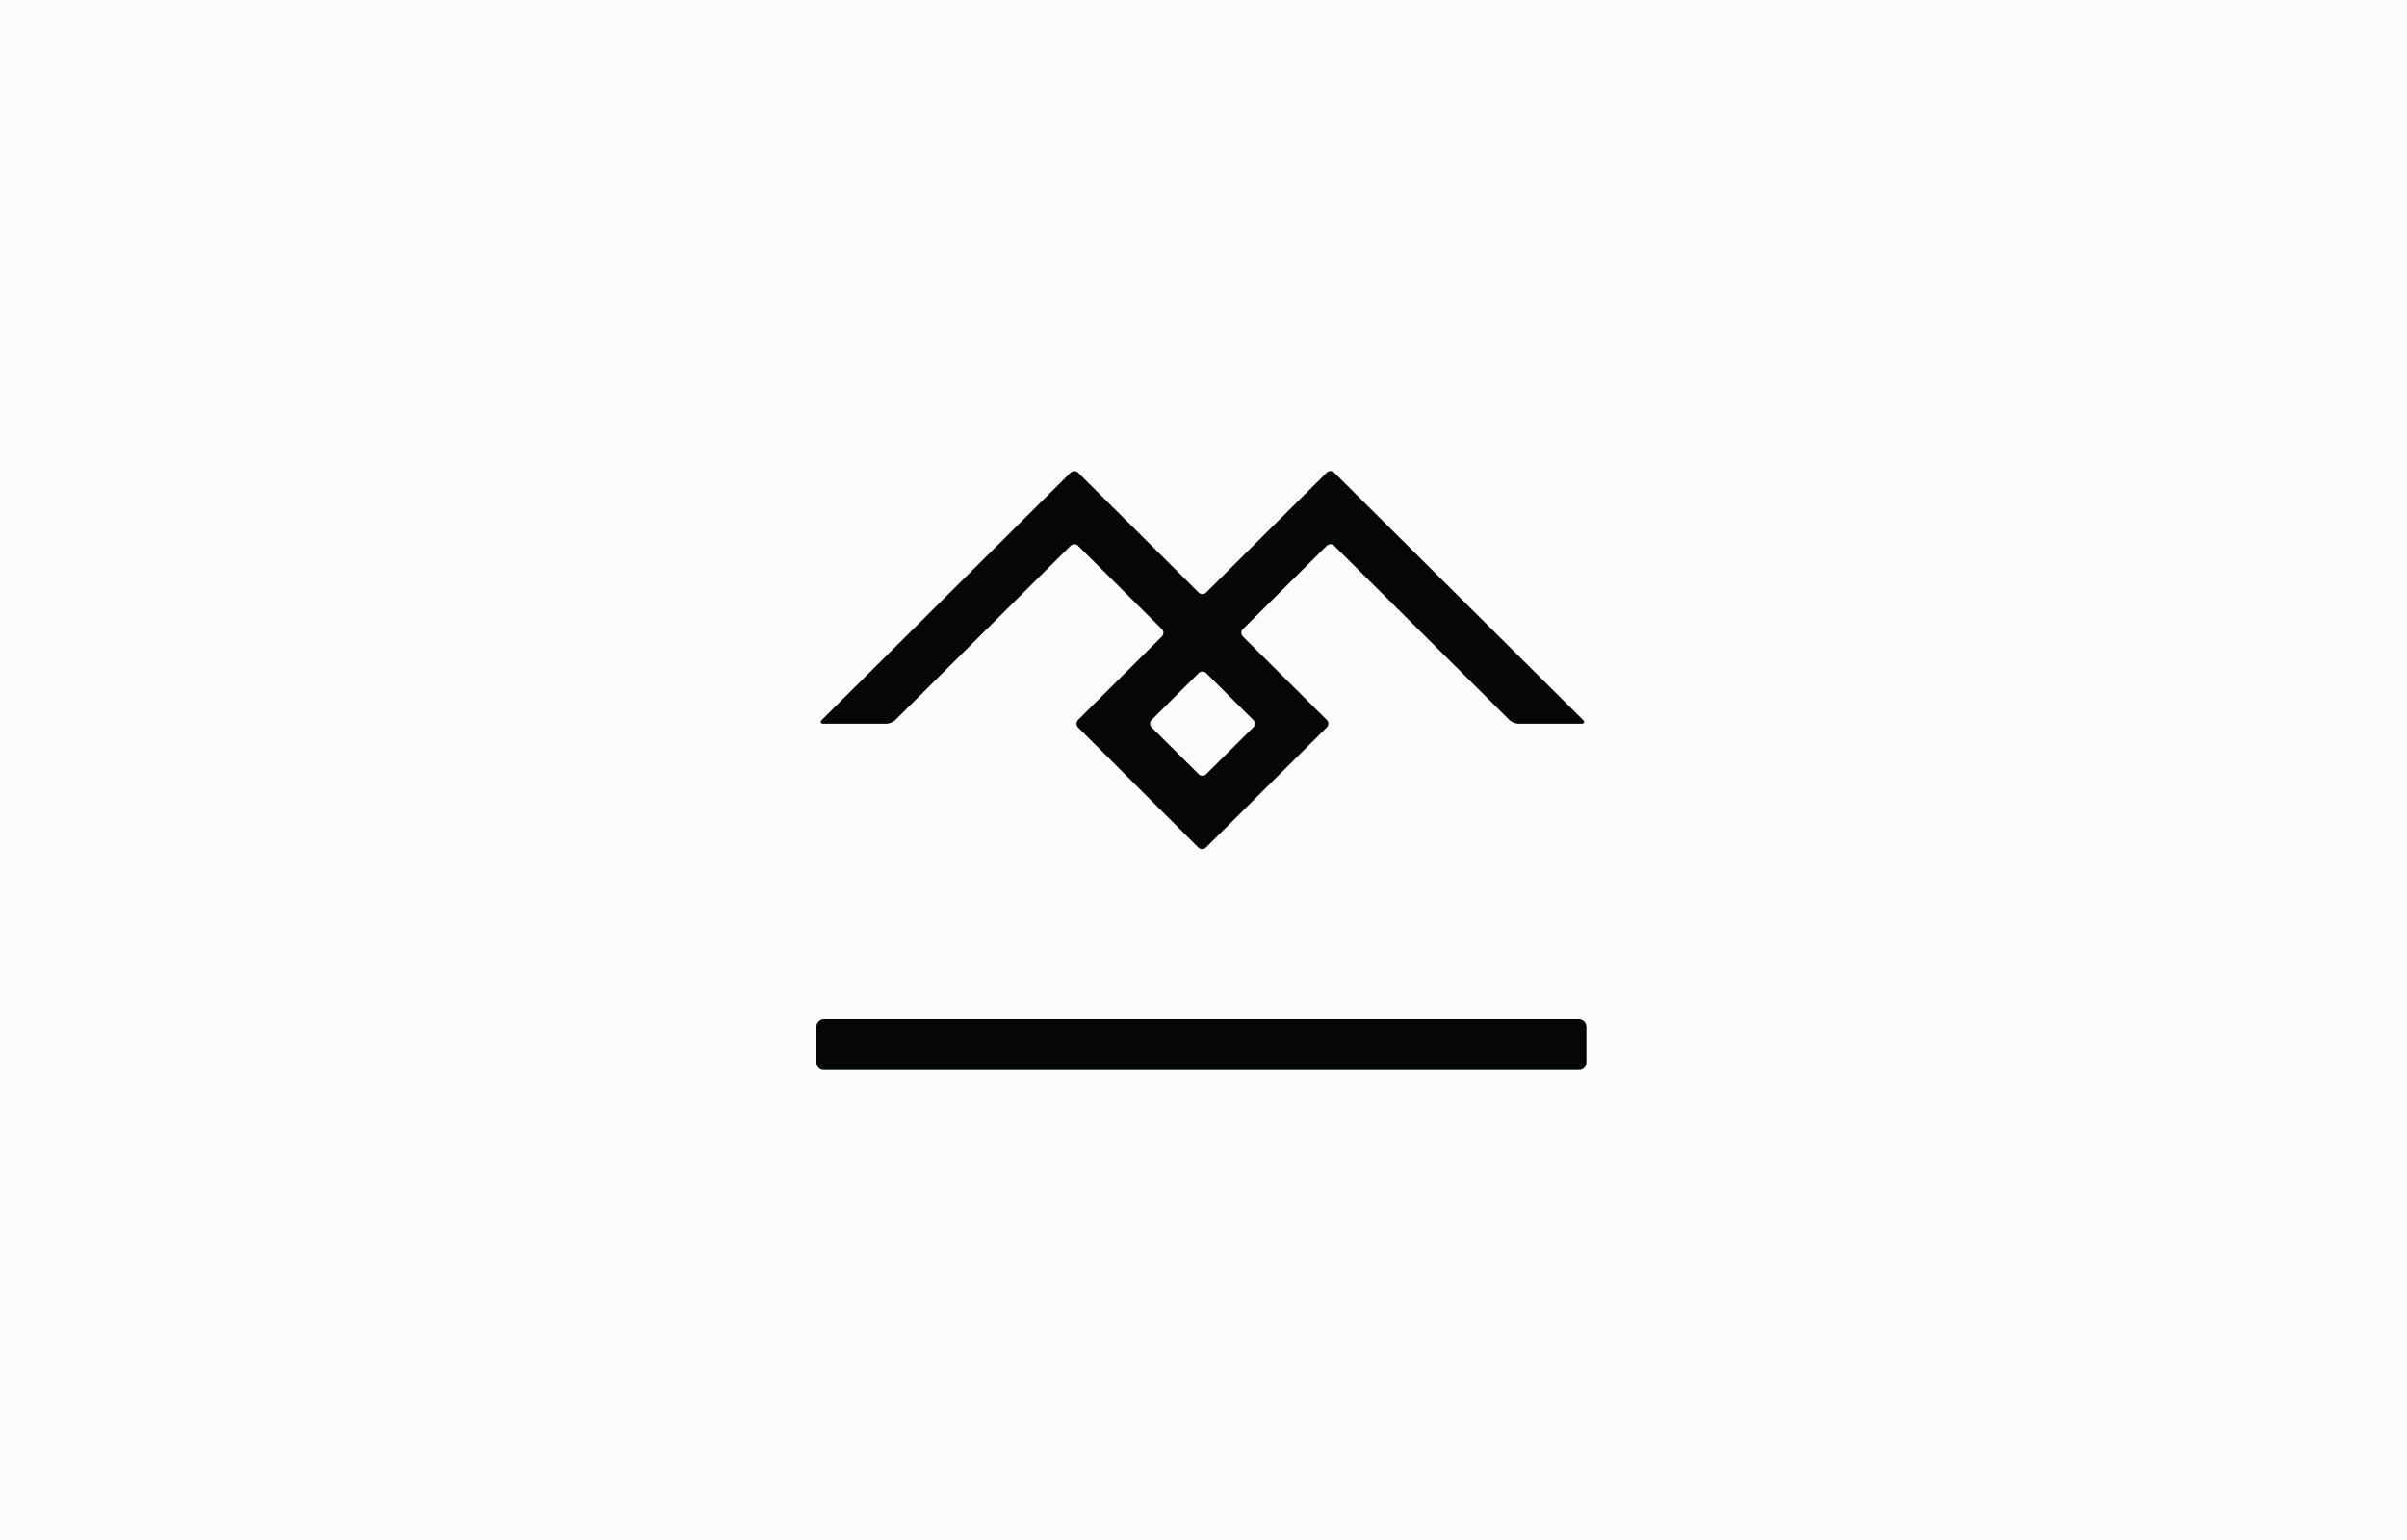 Diferente_M_Symbol_HR